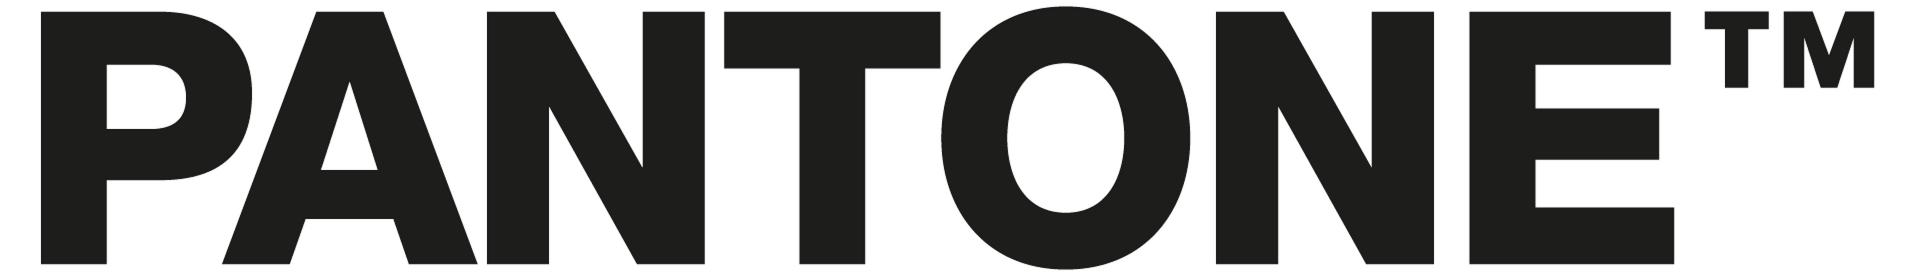 BCF01219-5056-B71D-5EA602F617F59A6D-logo.png